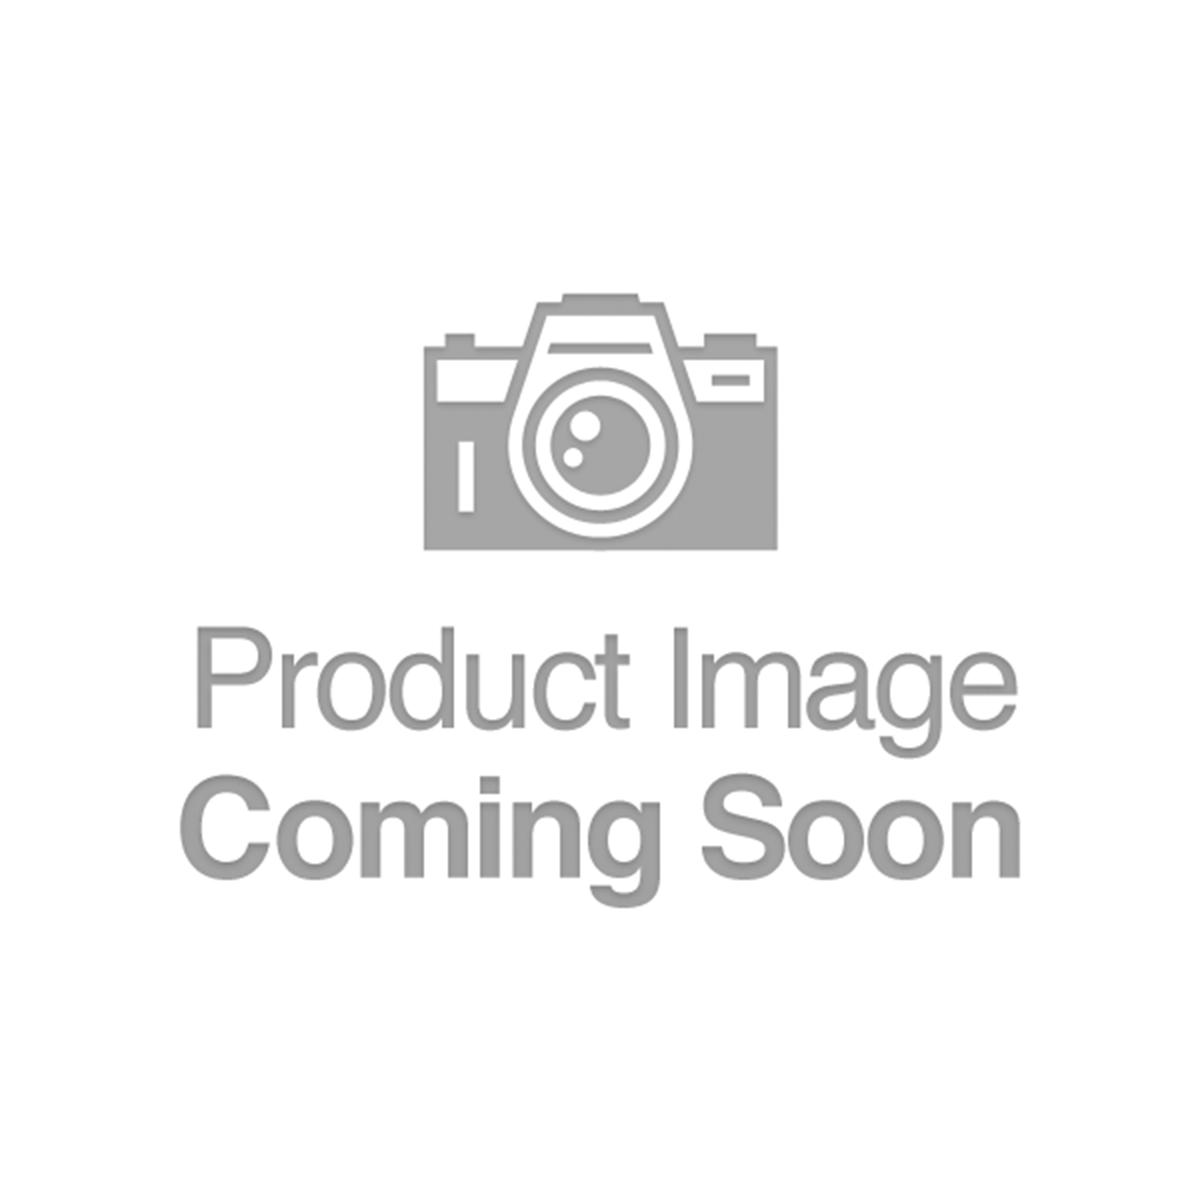 MPC Series 692 $20 PMG 67 EPQ